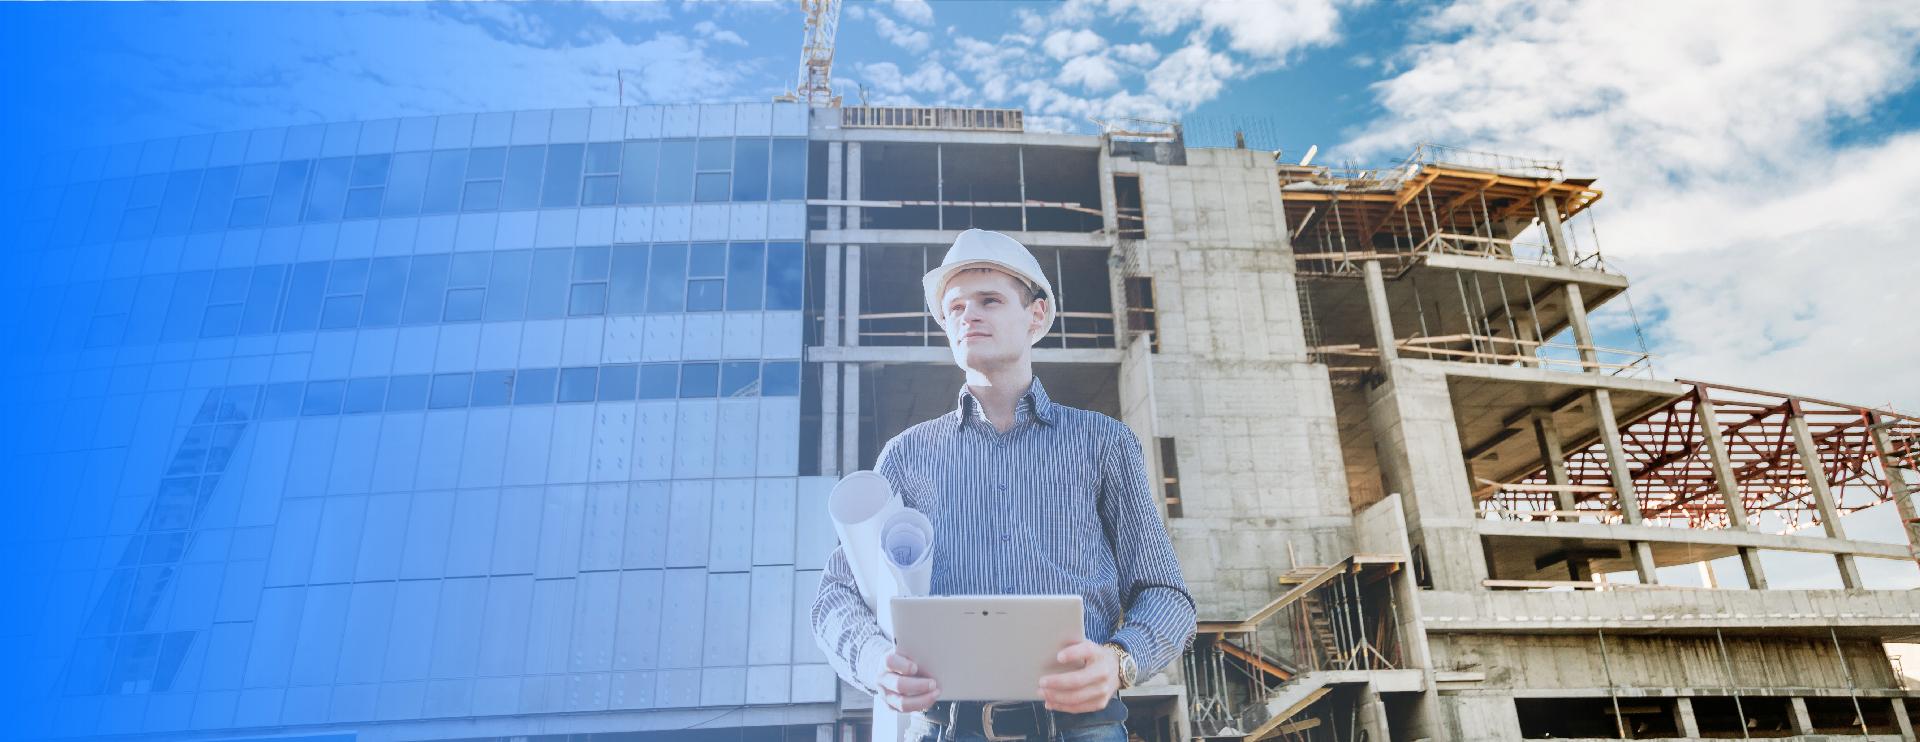 Uprawnienia budowlane w zakresie architektury i konstrukcji